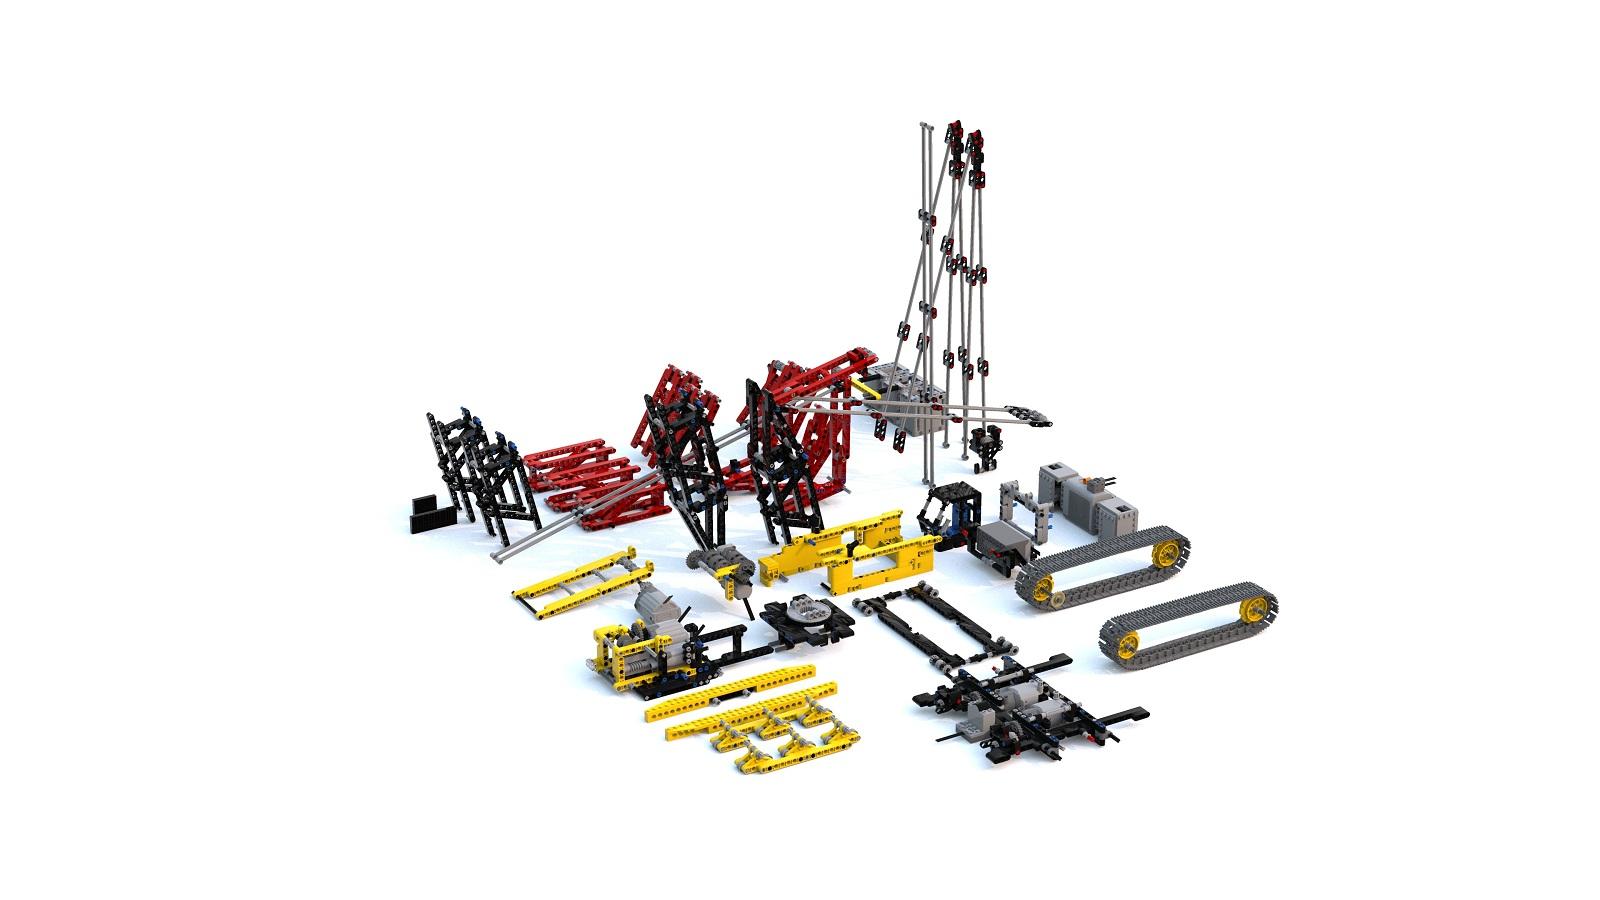 crawler_crane_derrick_1600_1.jpg